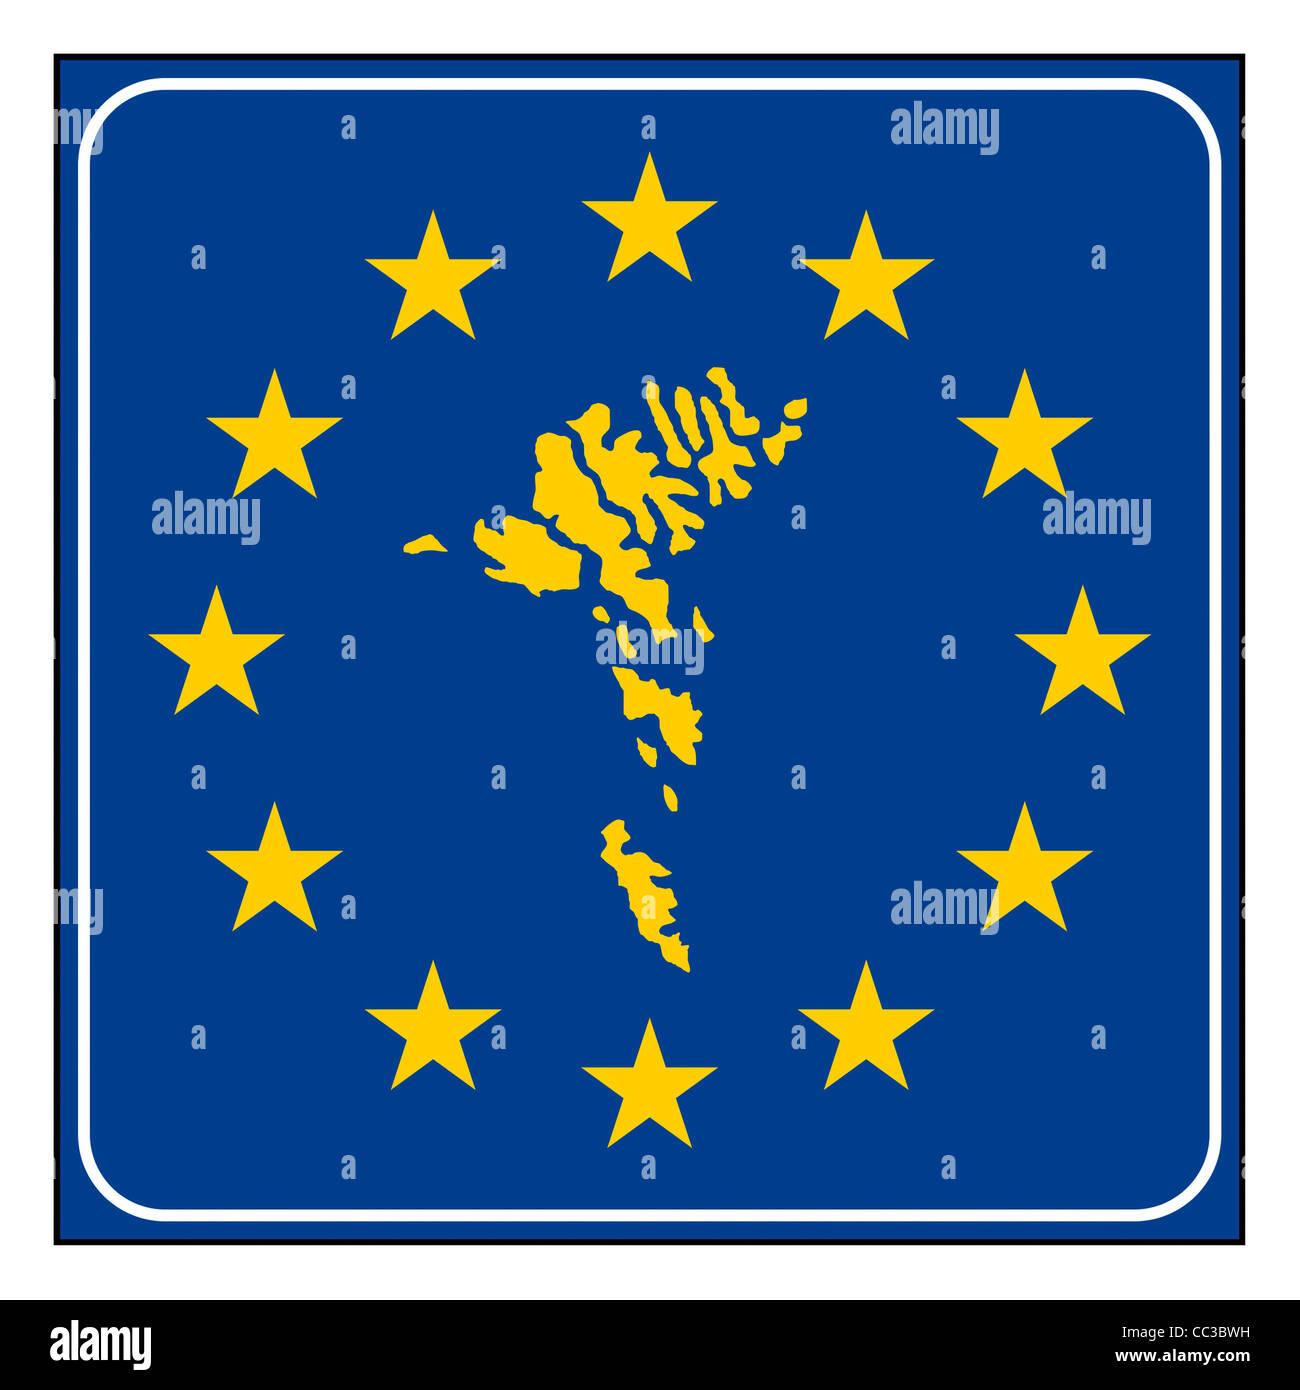 Färöer Inseln Karte.Färöer Inseln Karte Anklicken Blau Und Sternenhimmel Europäischen